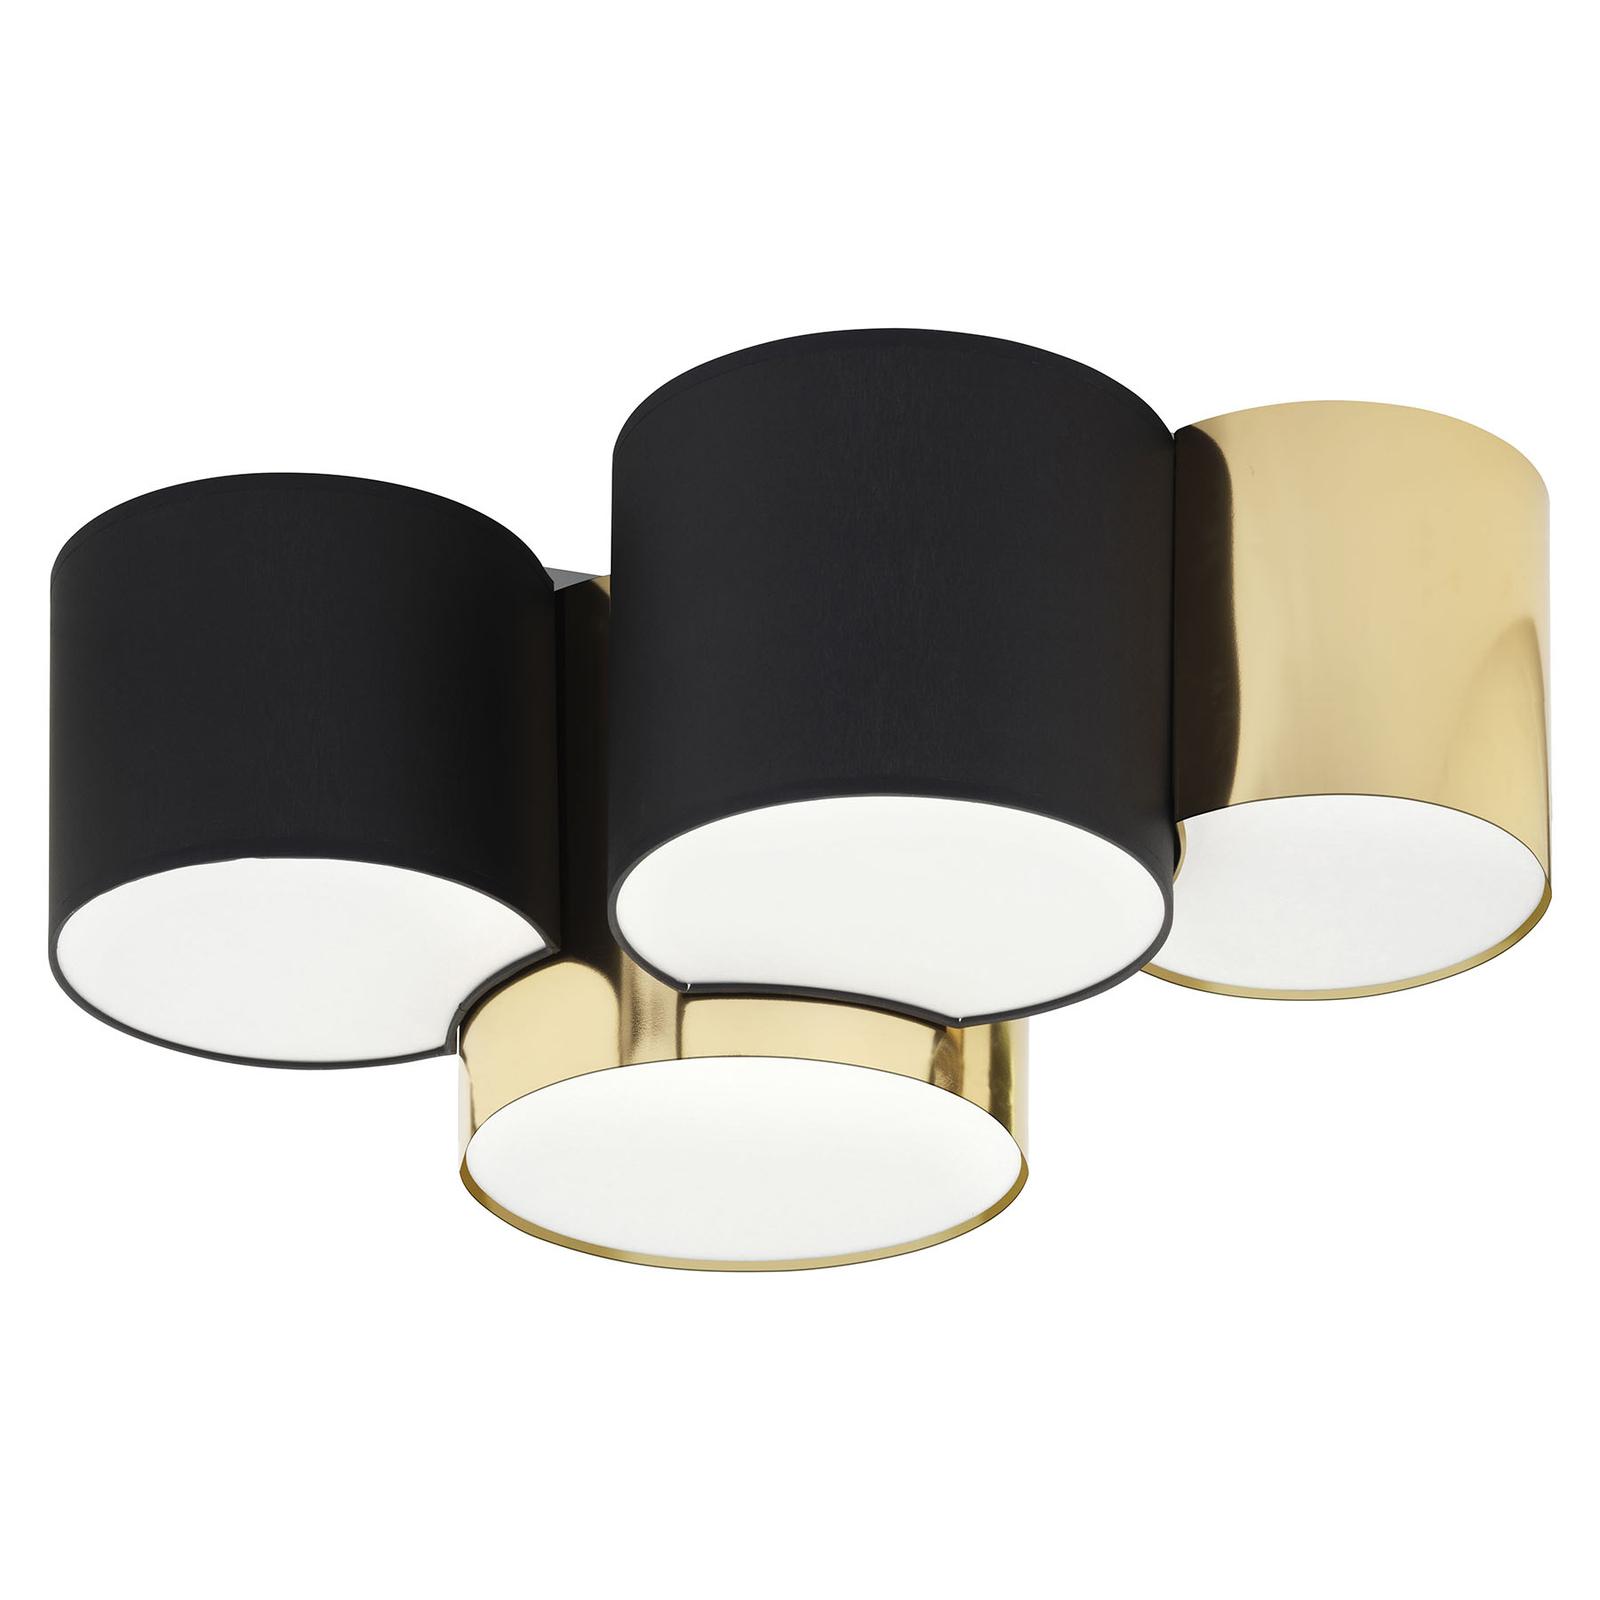 Kattovalaisin Mona, 4-lamppuinen, musta/kulta